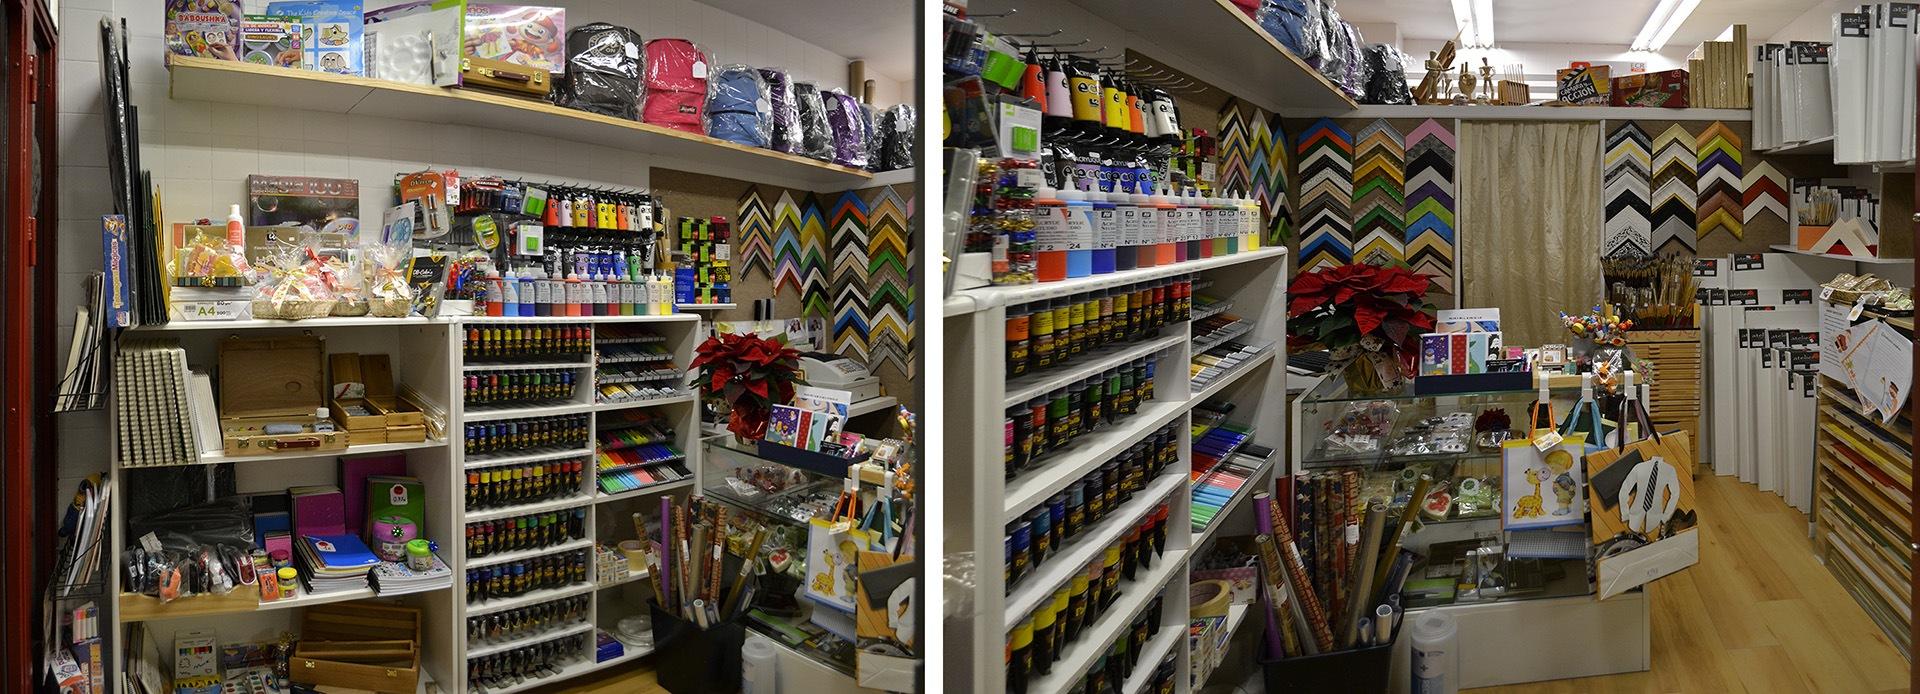 Taller Aceña - Olmedo, venta de papelería, regalos y material de Bellas Artes